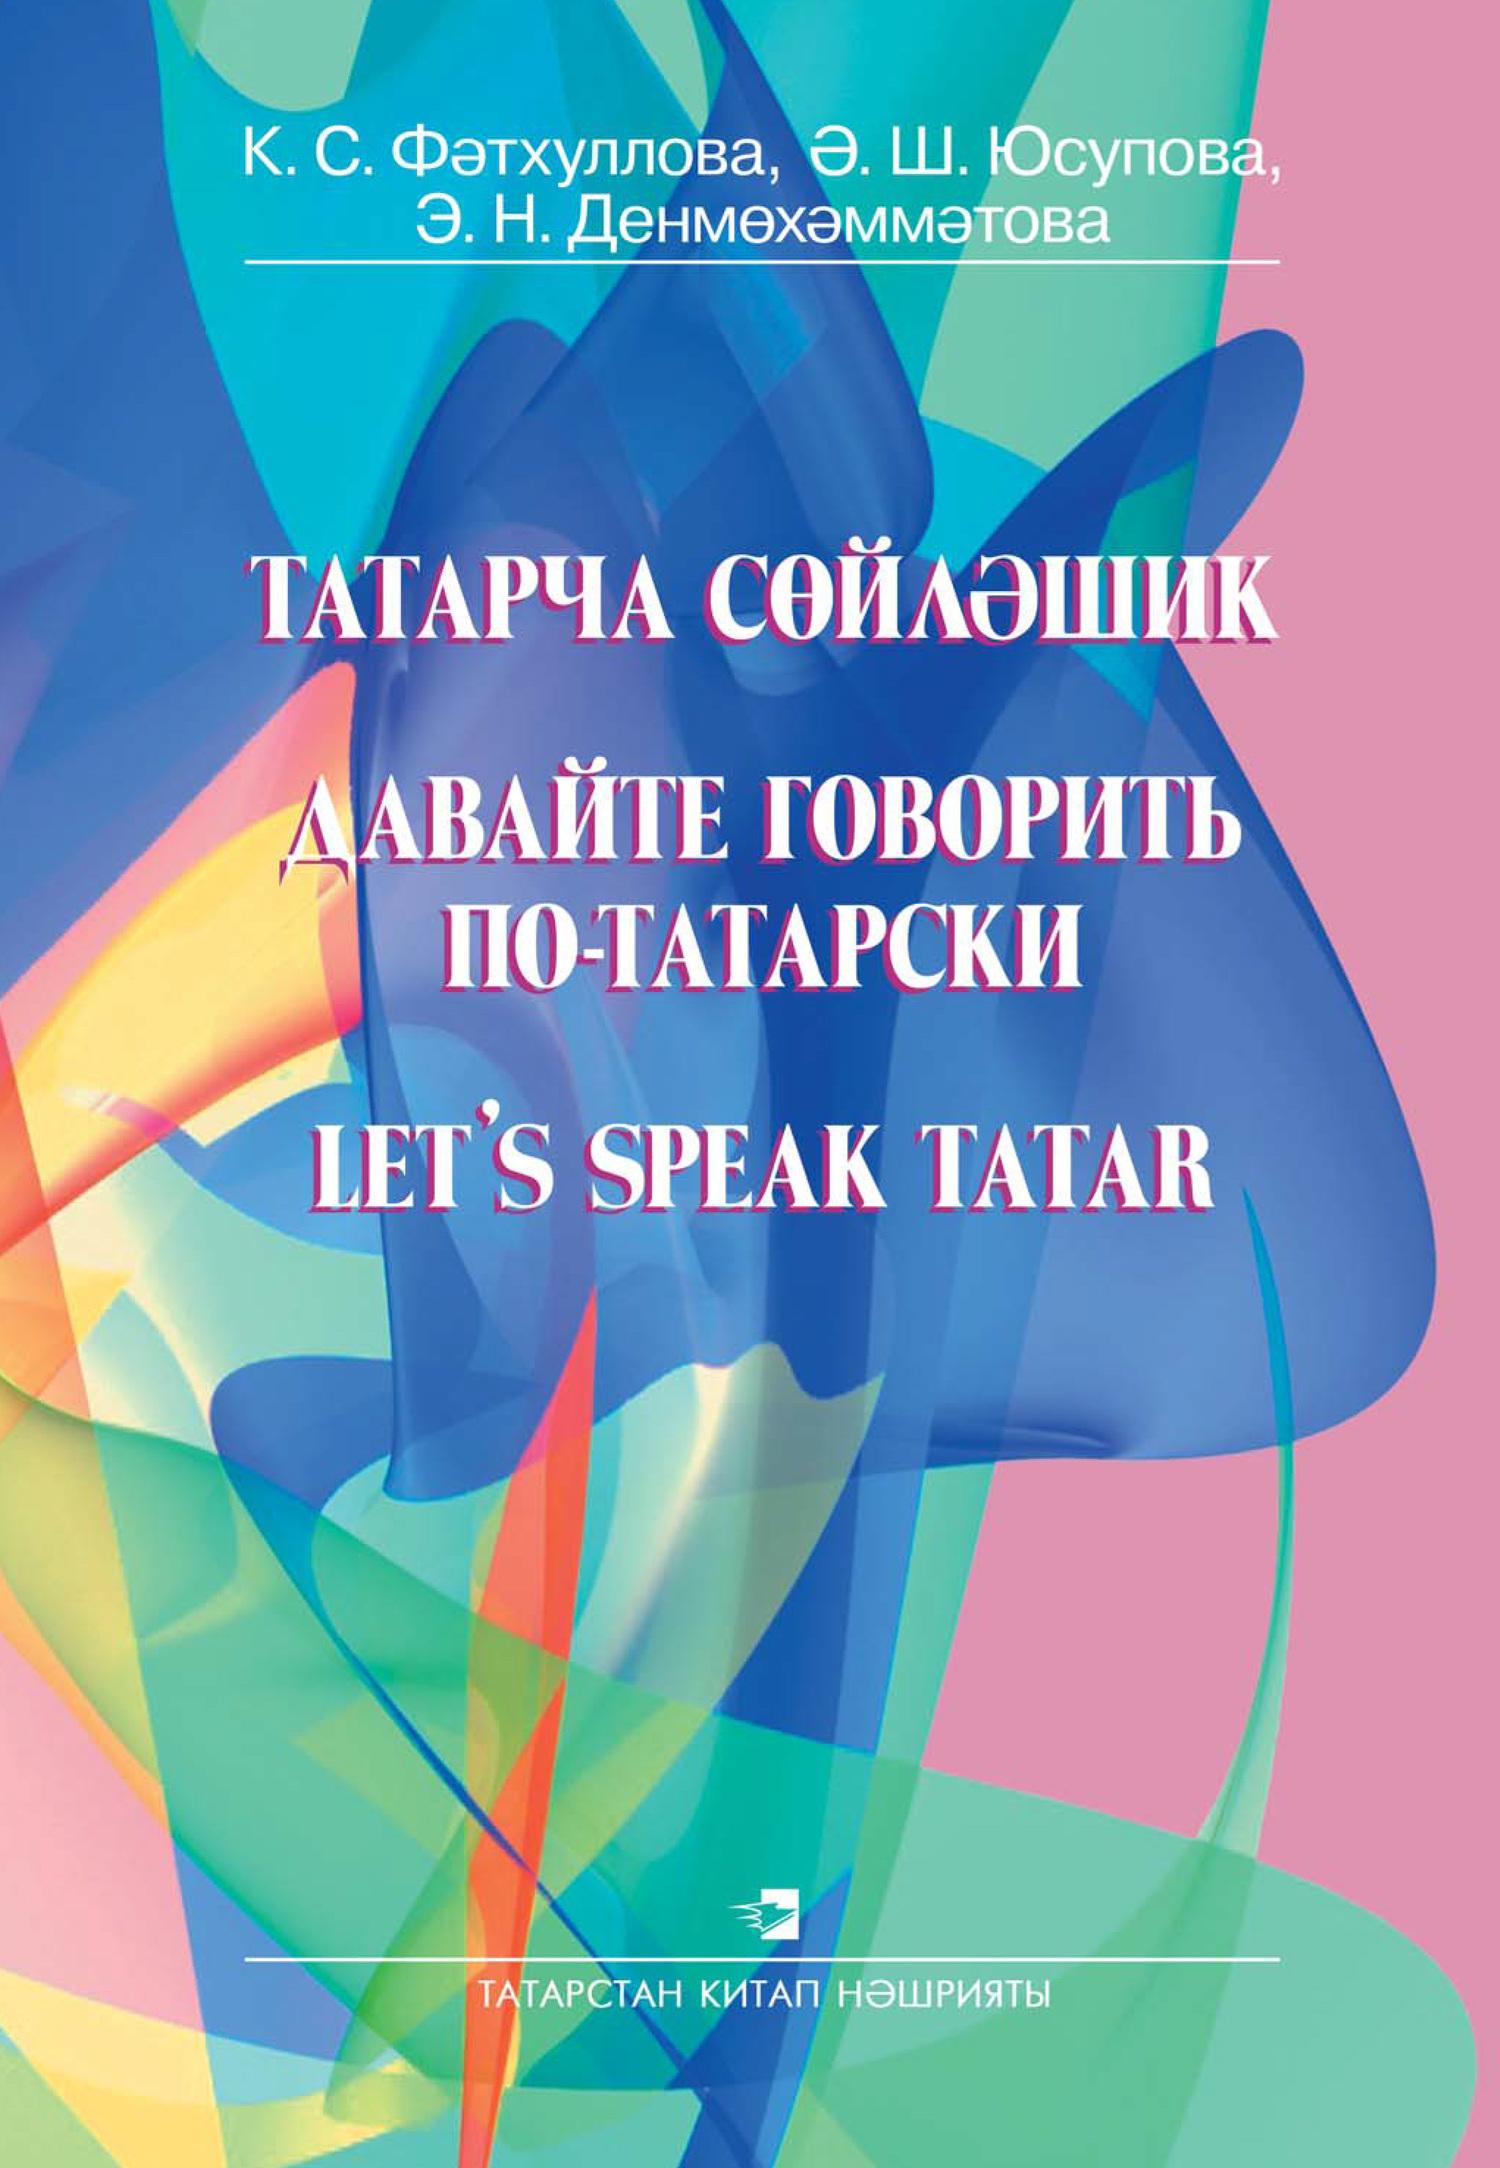 К. С. Фатхуллова Давайте говорить по-татарски математика вводный курс учебное пособие